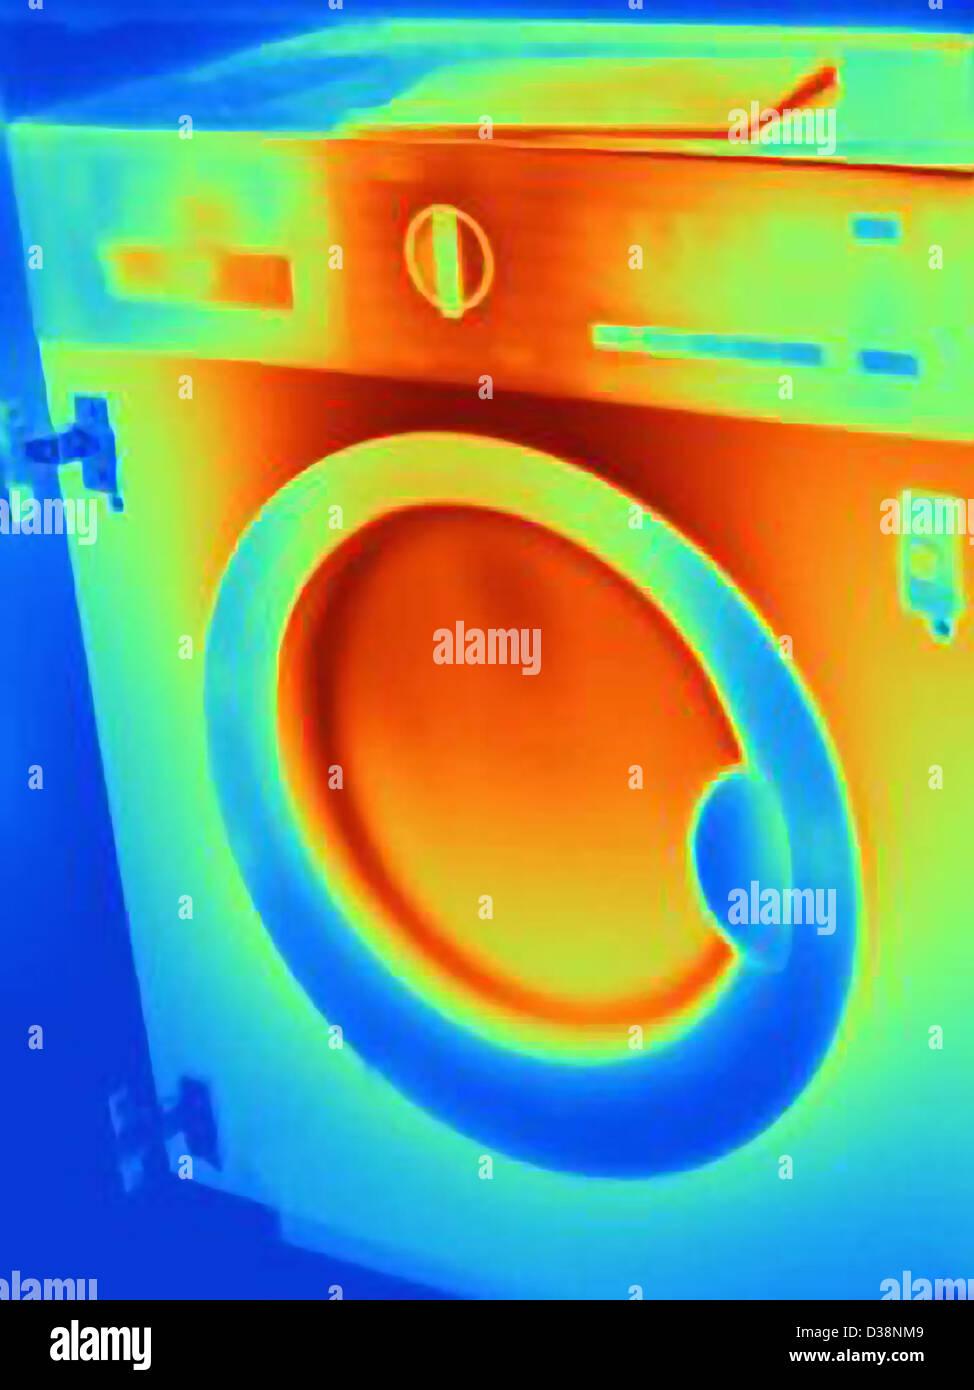 Immagine termica della macchina di lavaggio Immagini Stock